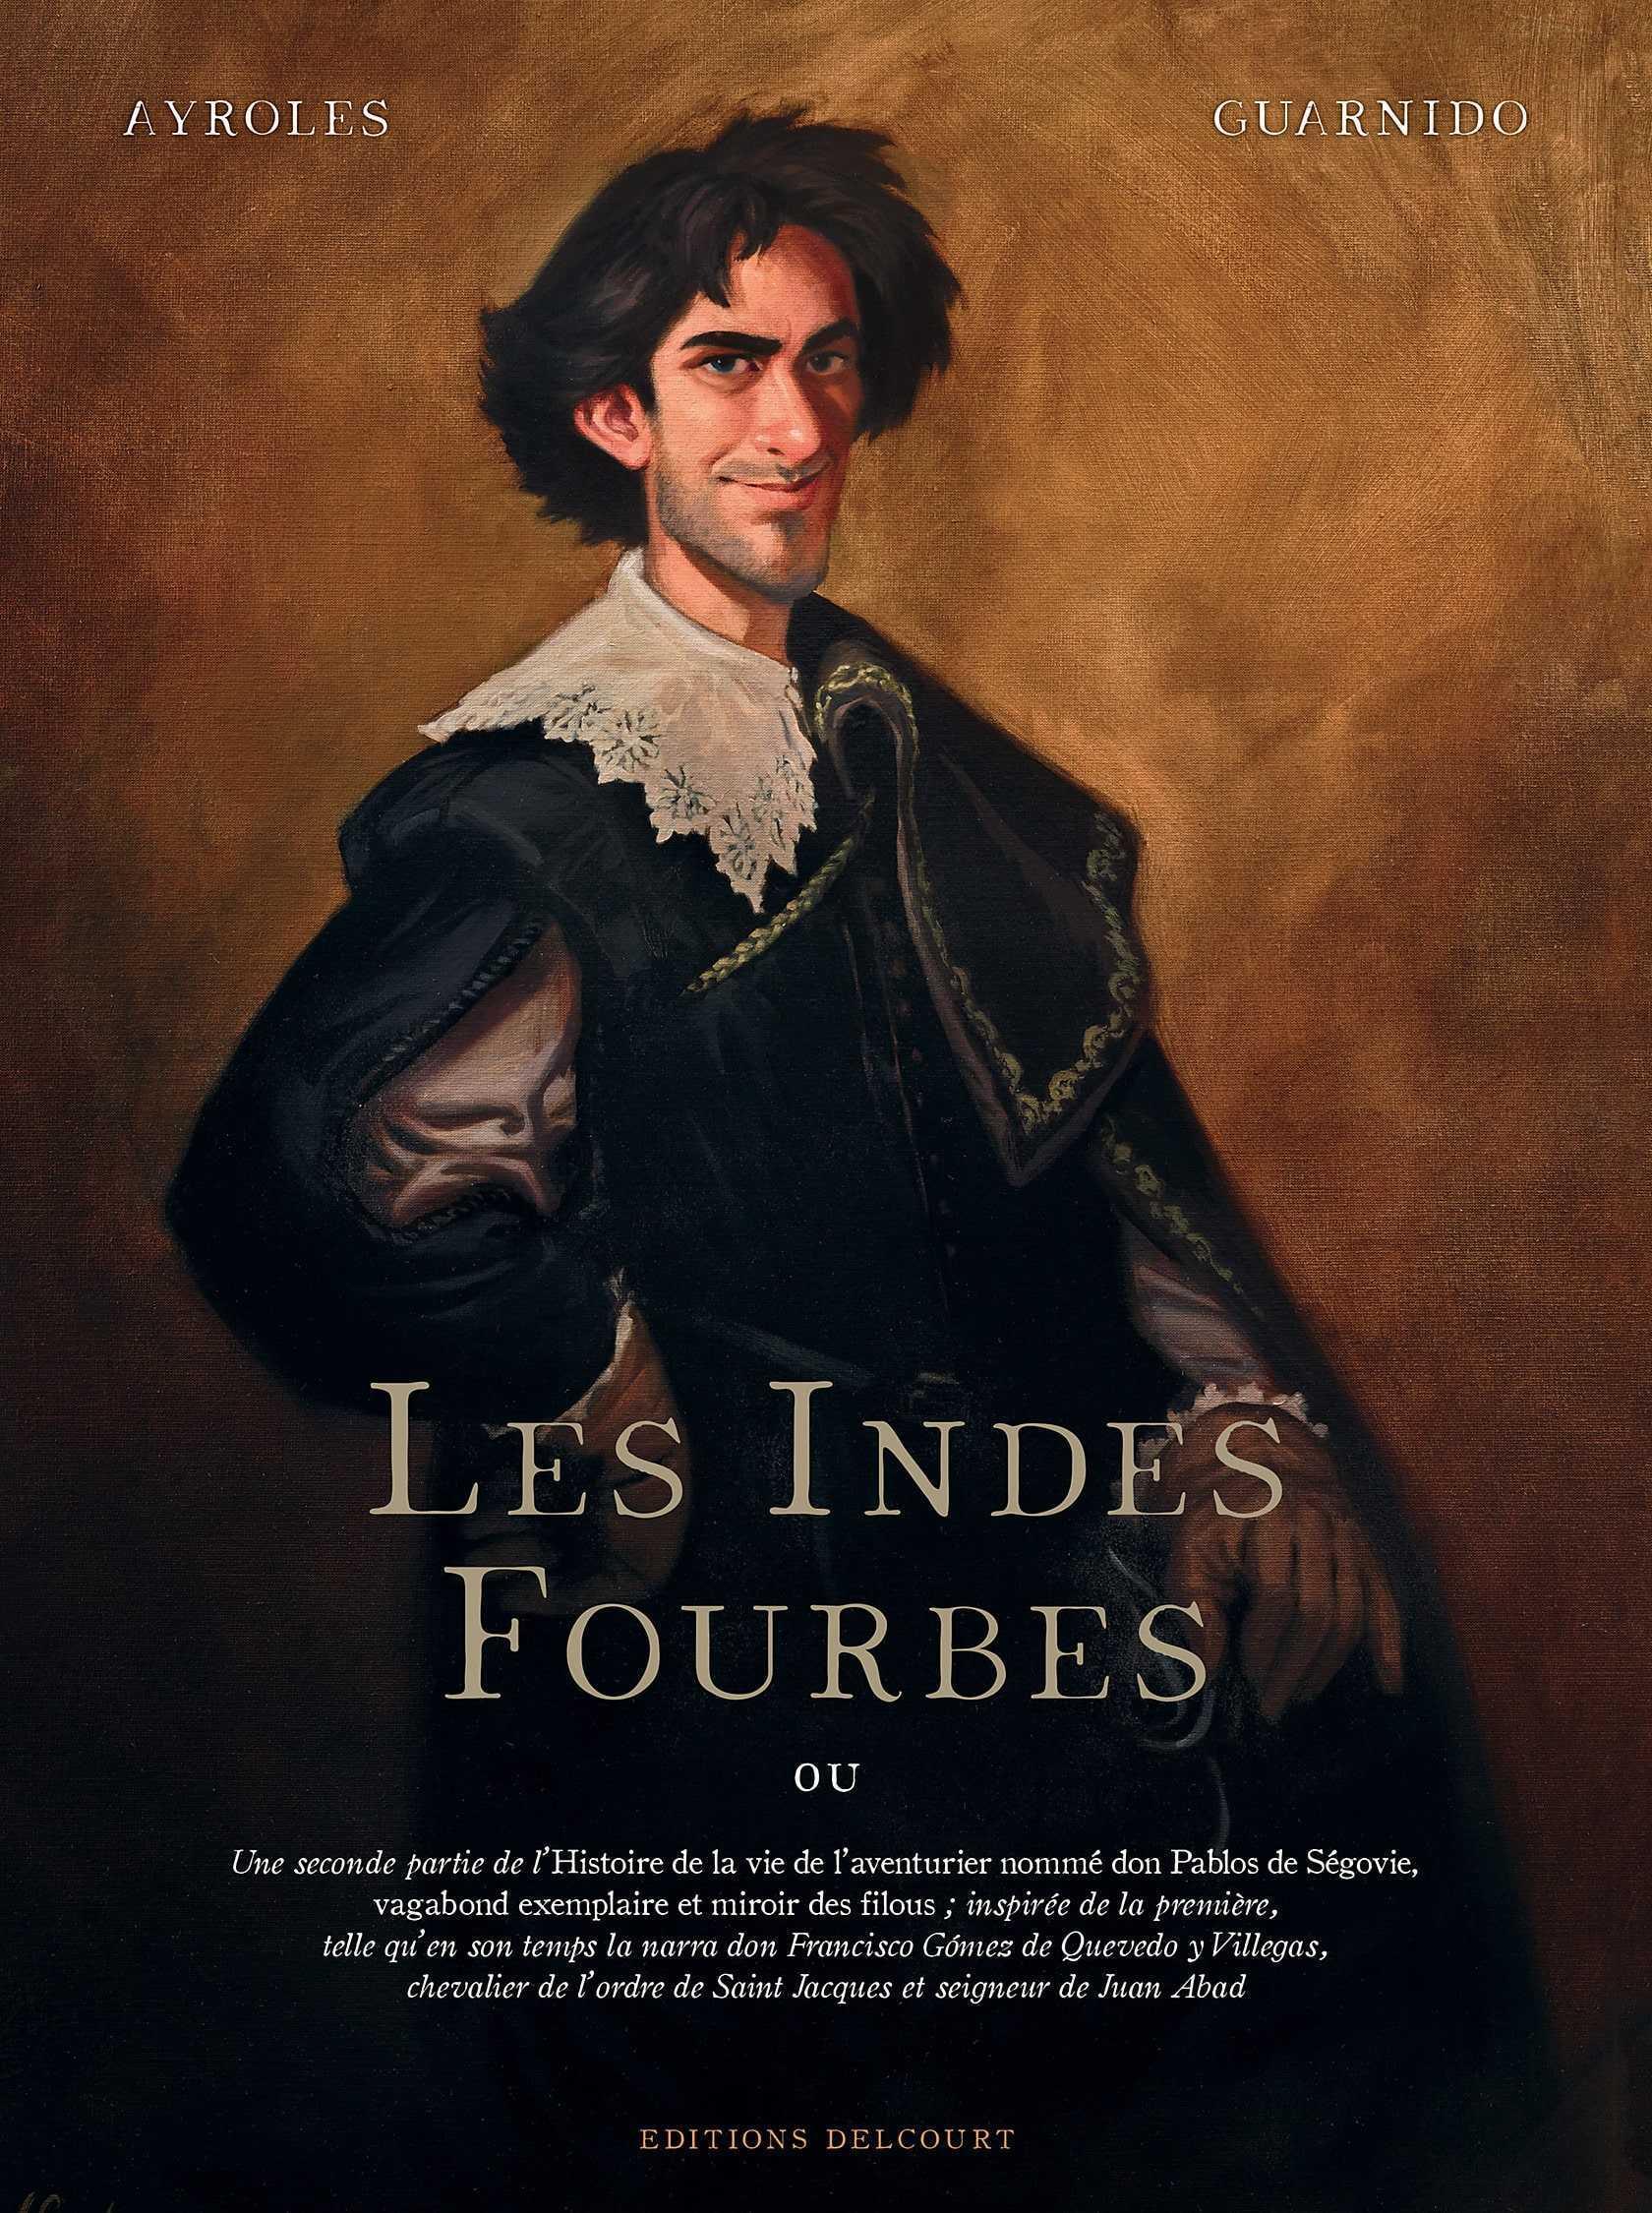 Les Indes Fourbes et In Waves nommés pour le Prix des libraires BD 2019